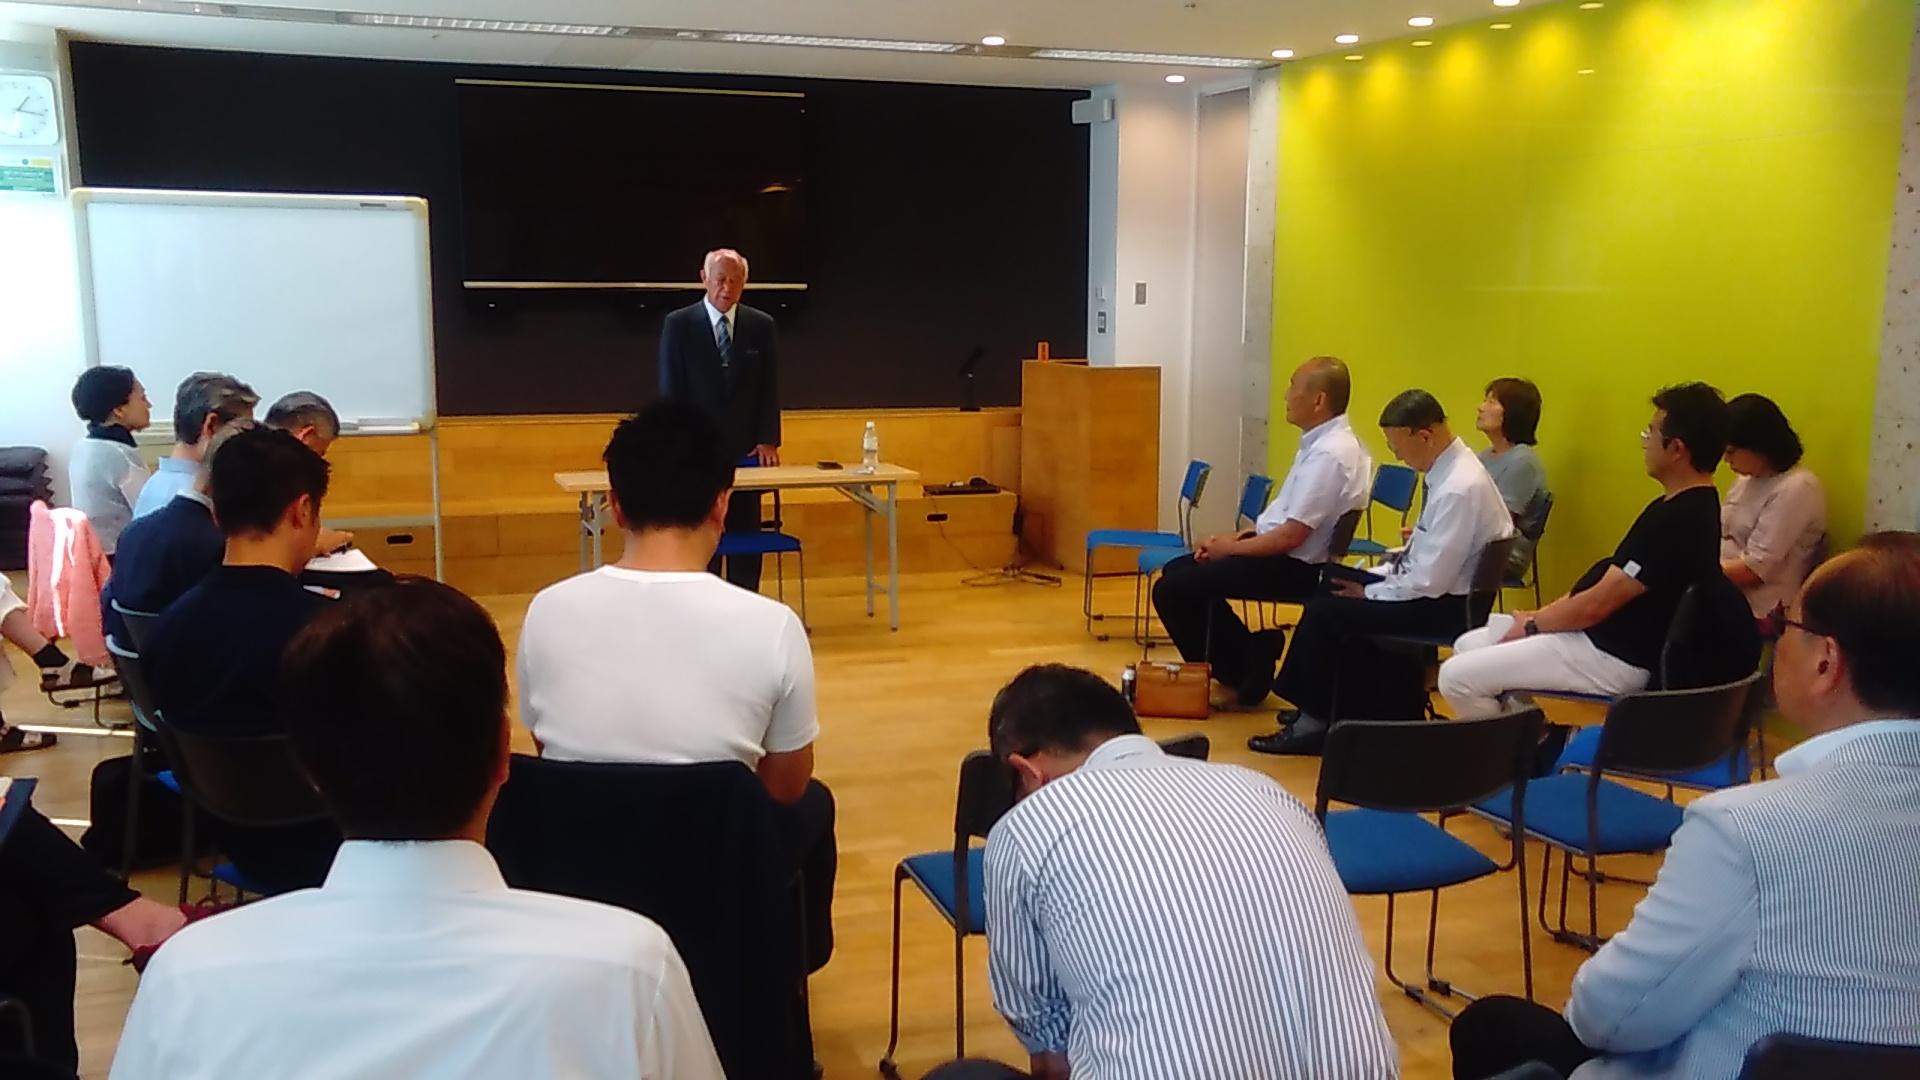 KIMG1391 1 - 第5回東京思風塾「使命を見つけ出すための6つの問いとは」をテーマに開催